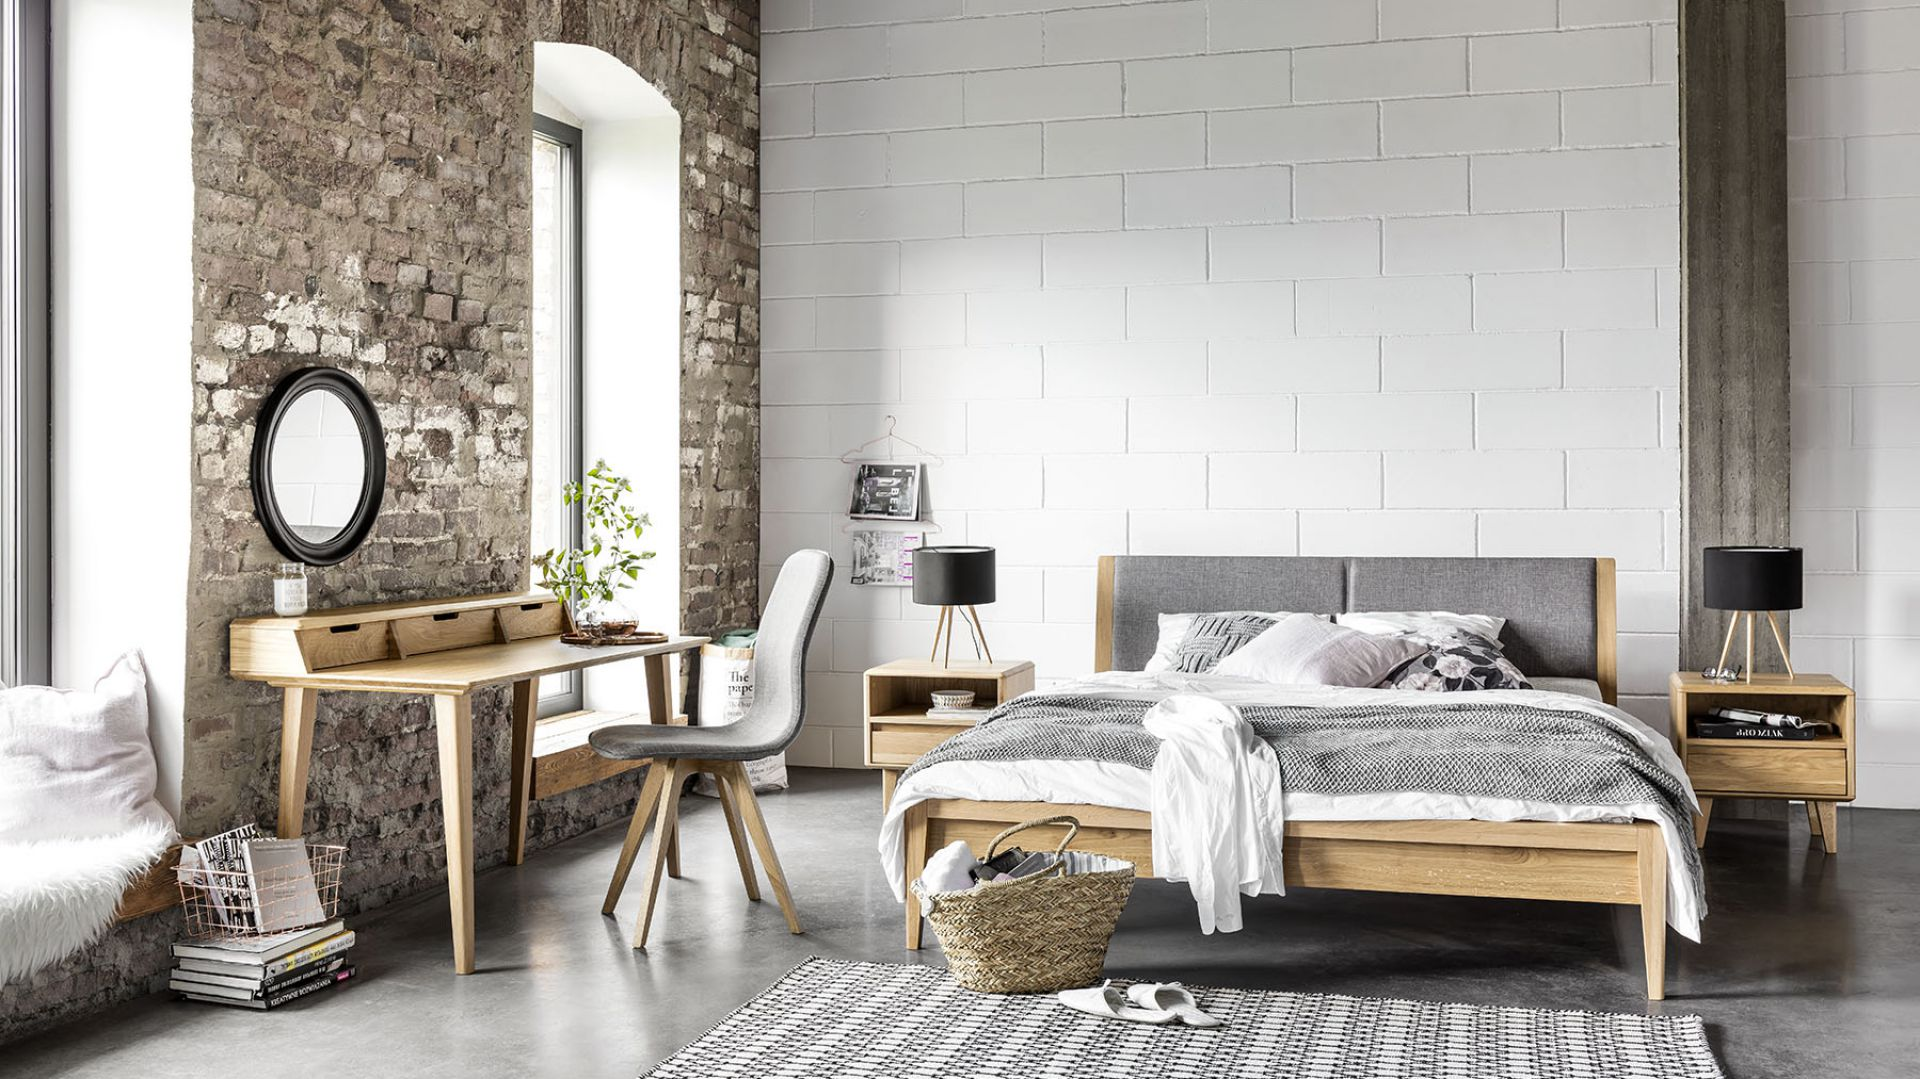 Sypialnia Lovell. Zastosowanie drewna dębowego w połączeniu z pięknymi, żywymi kolorami wyróżnia tą kolekcję. Fot. Meble Matkowski